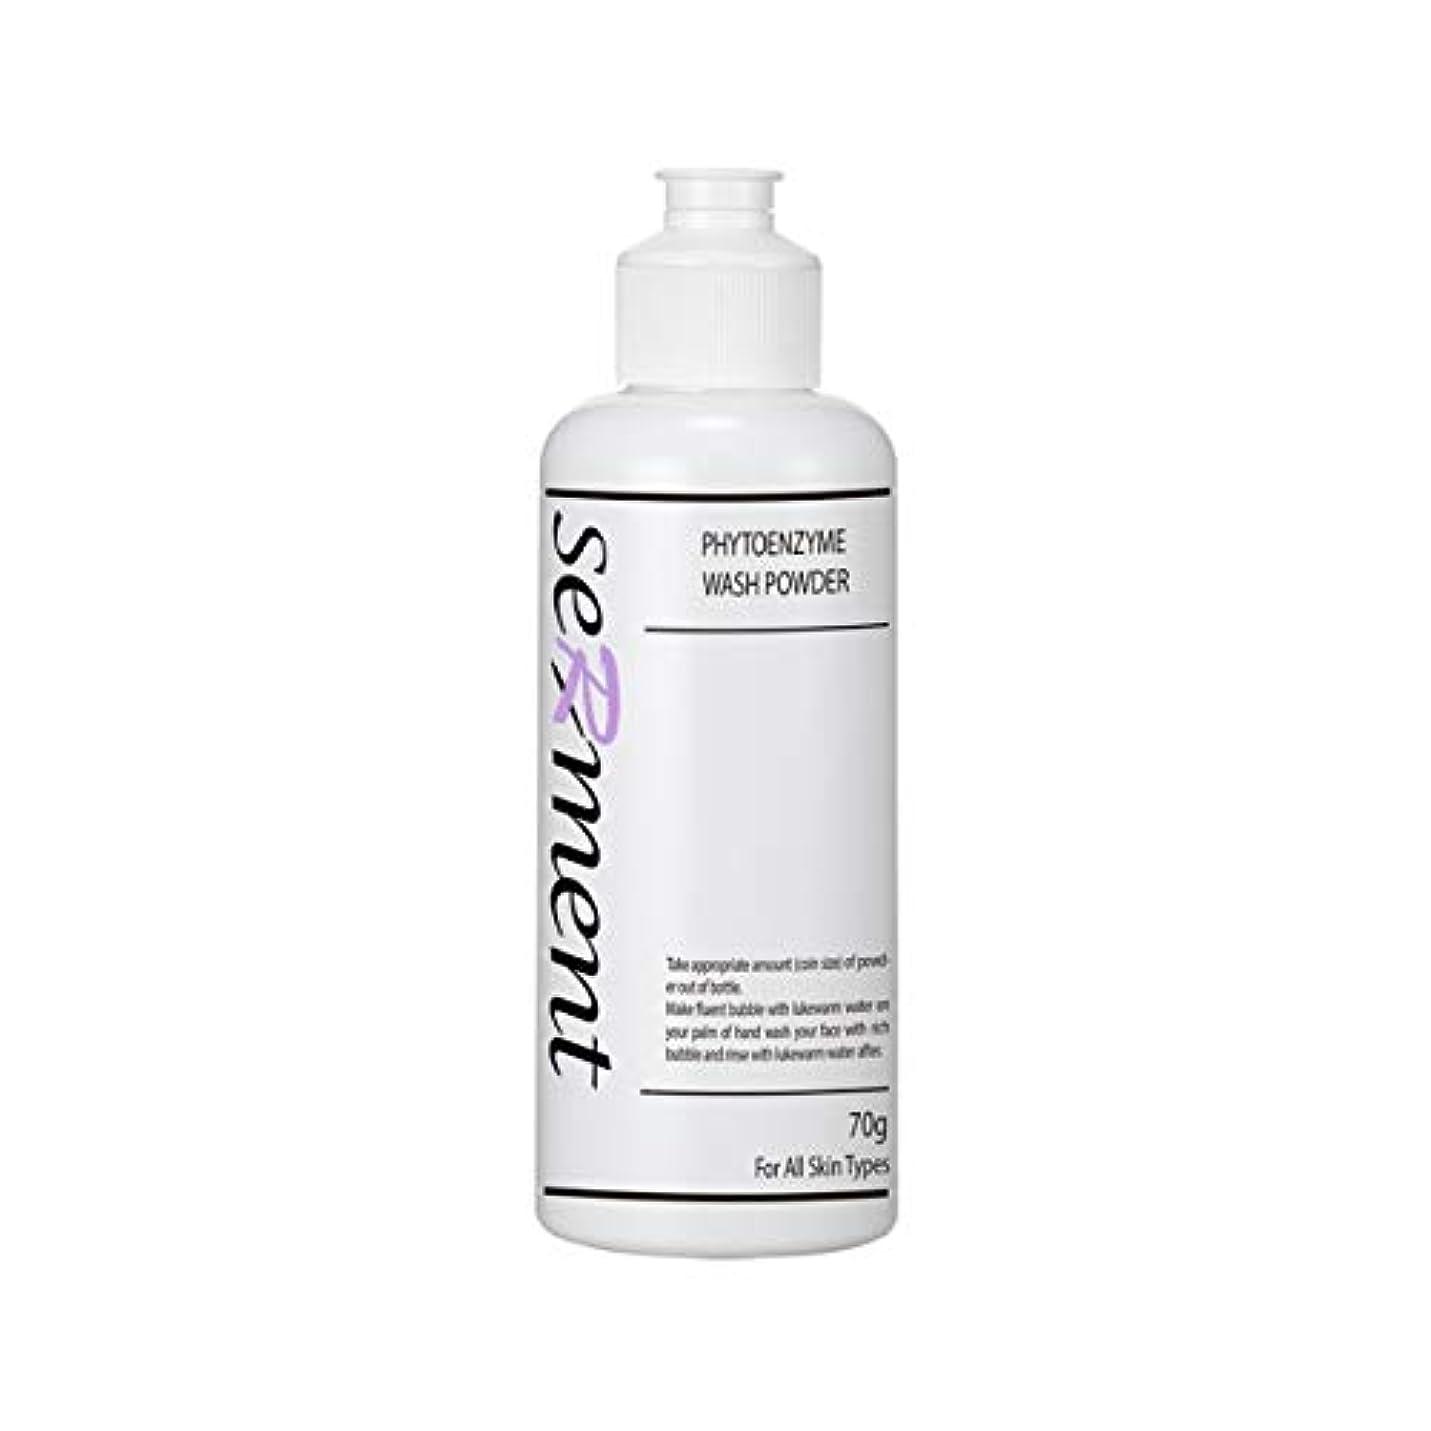 利用可能手怖い[Serment] Korean Cosmetics Serment Enzyme Acne Face Wash Powder 70g Cleanser, Exfoliation Hypoallergenic cleanser...